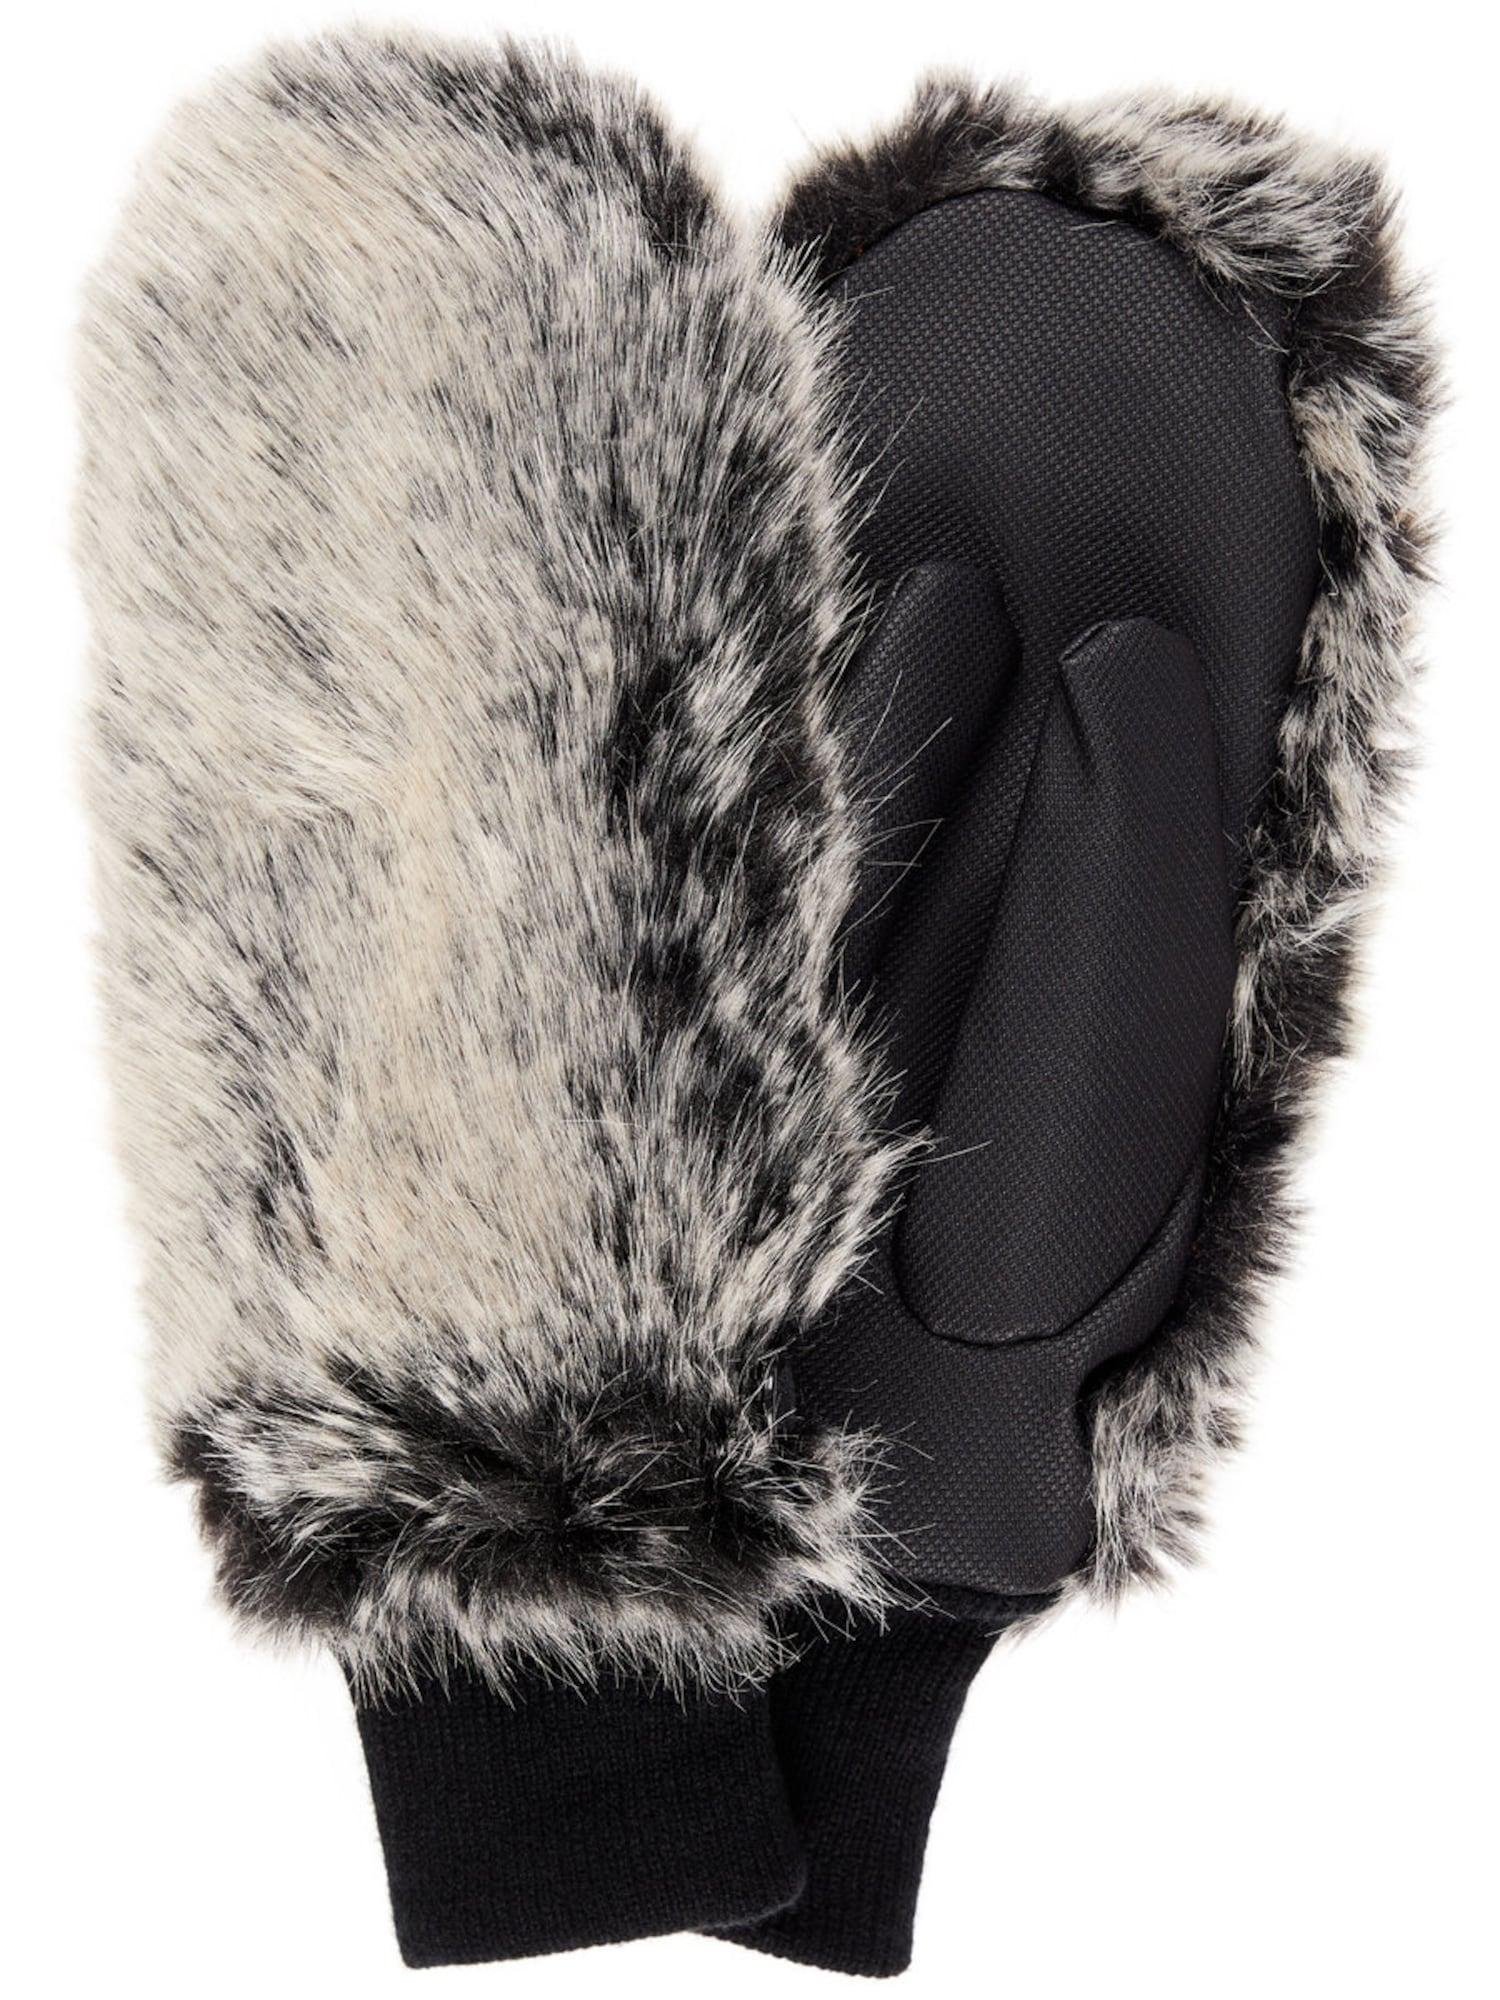 NAME IT, Jongens Handschoenen, donkergrijs